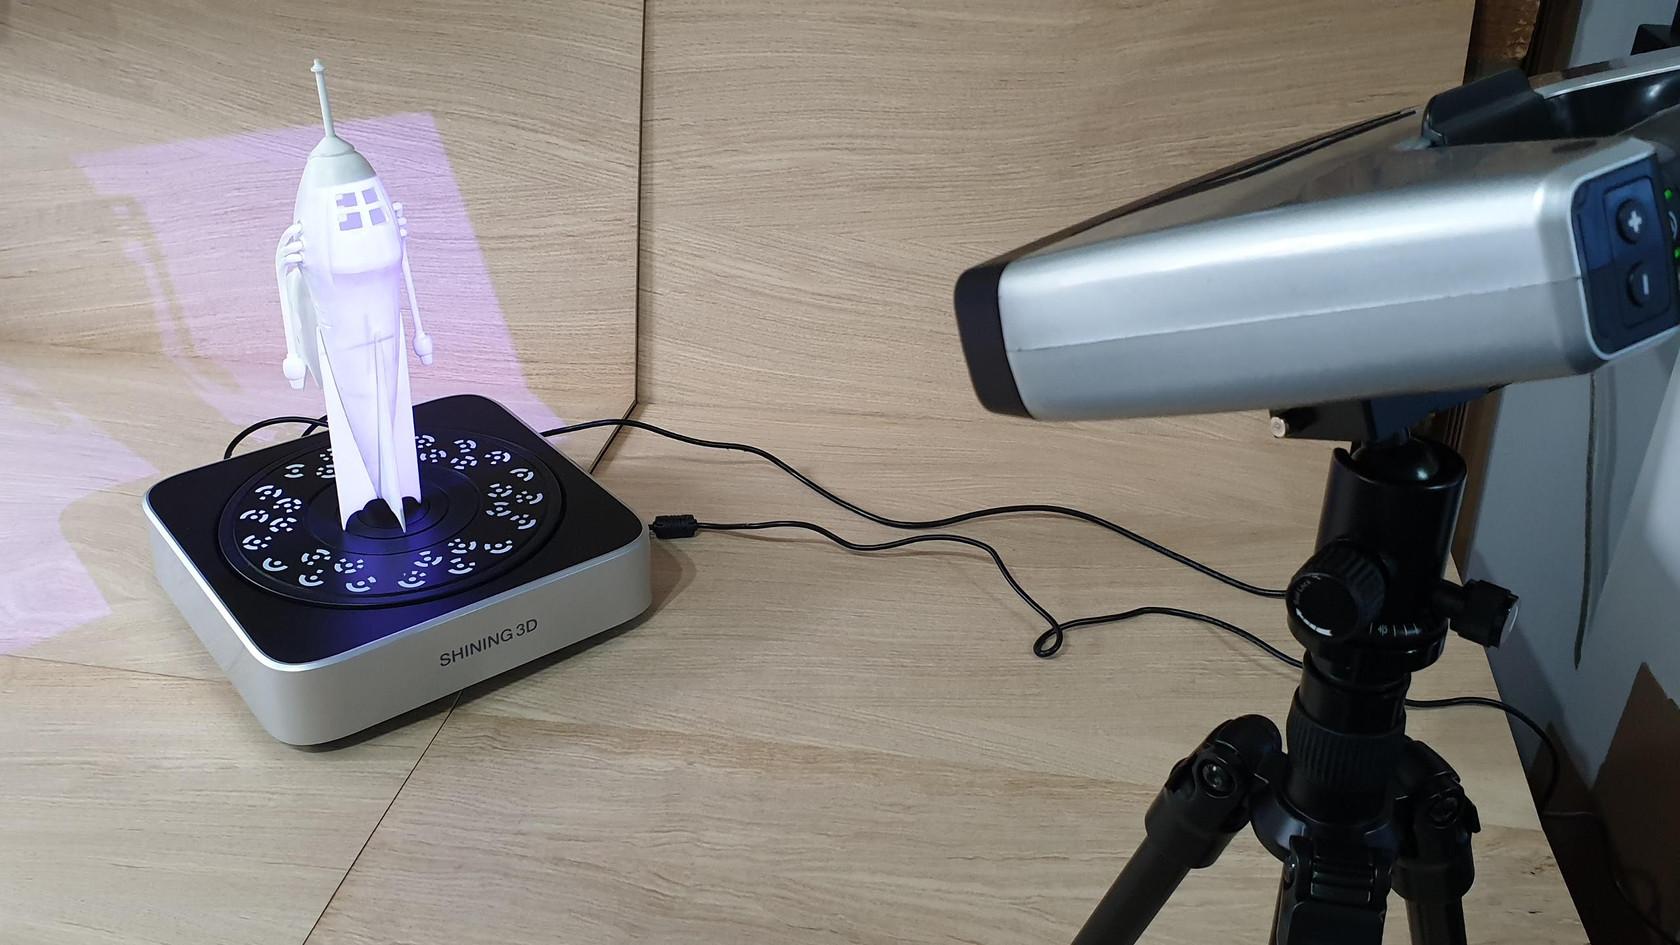 3D Scanning Image